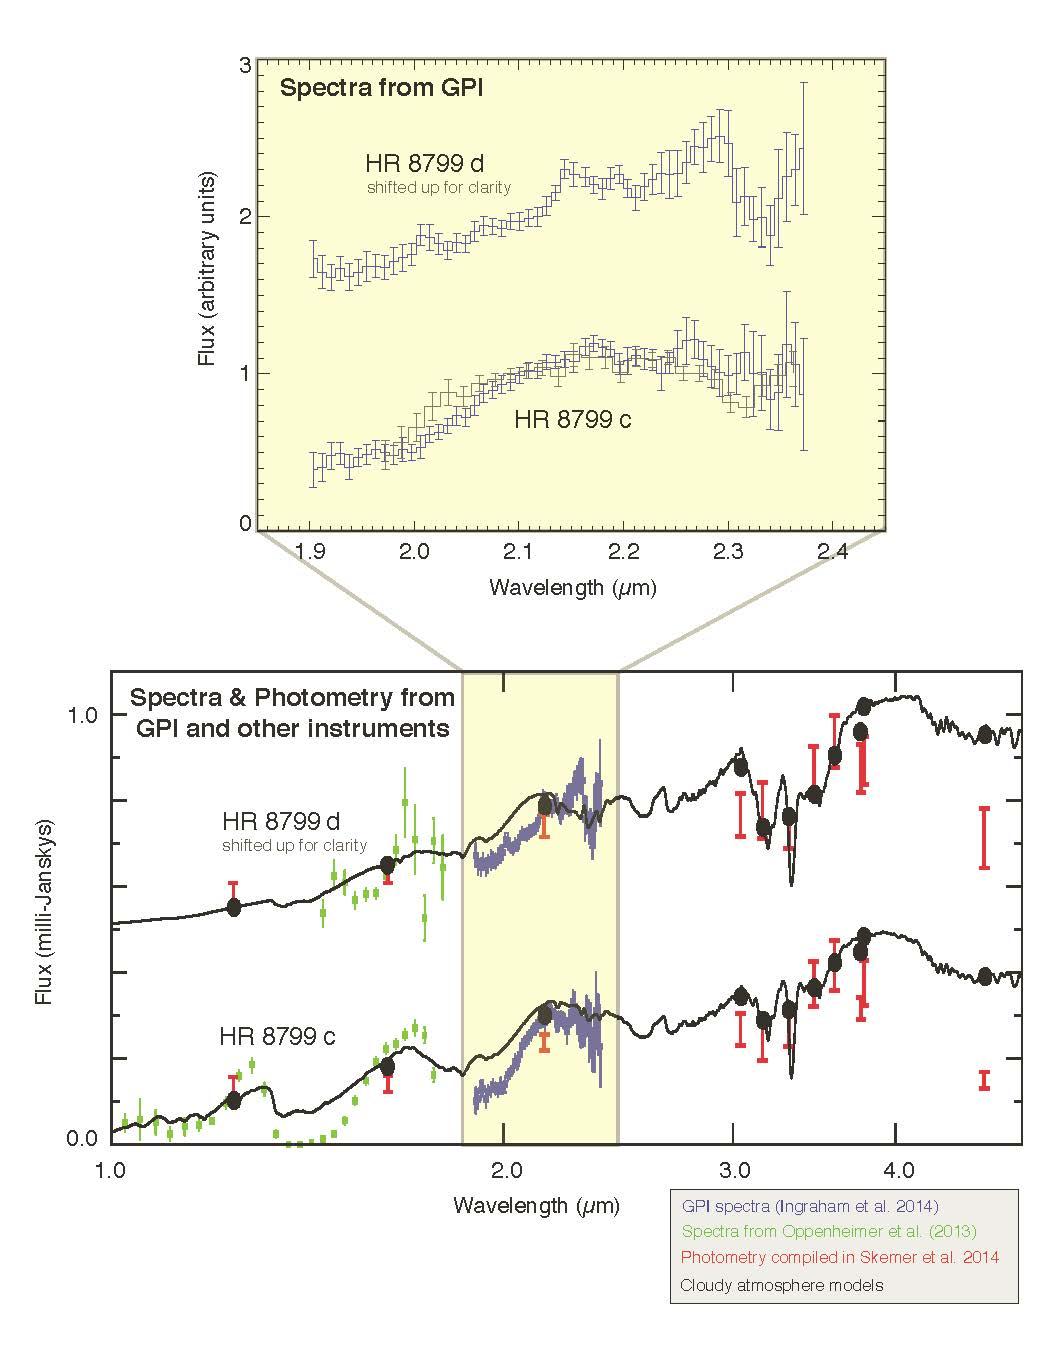 Os espectros dos planetas c e d, comparados a observações anteriores e um modelo atmosférico (Crédito: GPI)